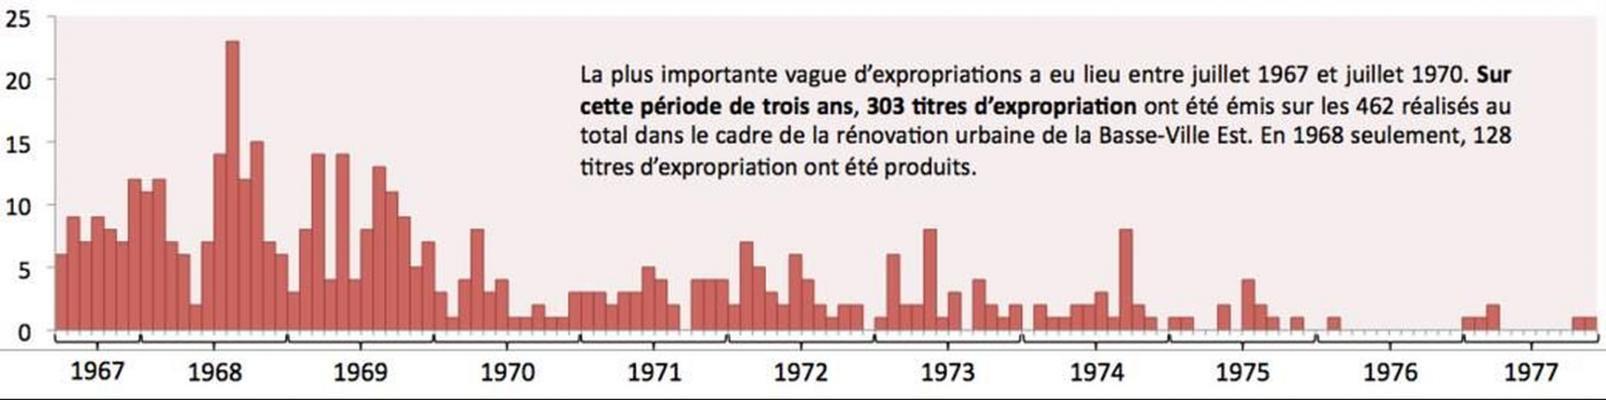 Histogramme en couleur représentant le nombre d'actes d'expropriation émis par mois et par année. Les expropriations sont plus nombreuses de 1967 à 1970 et diminuent progressivement jusqu'en 1977.